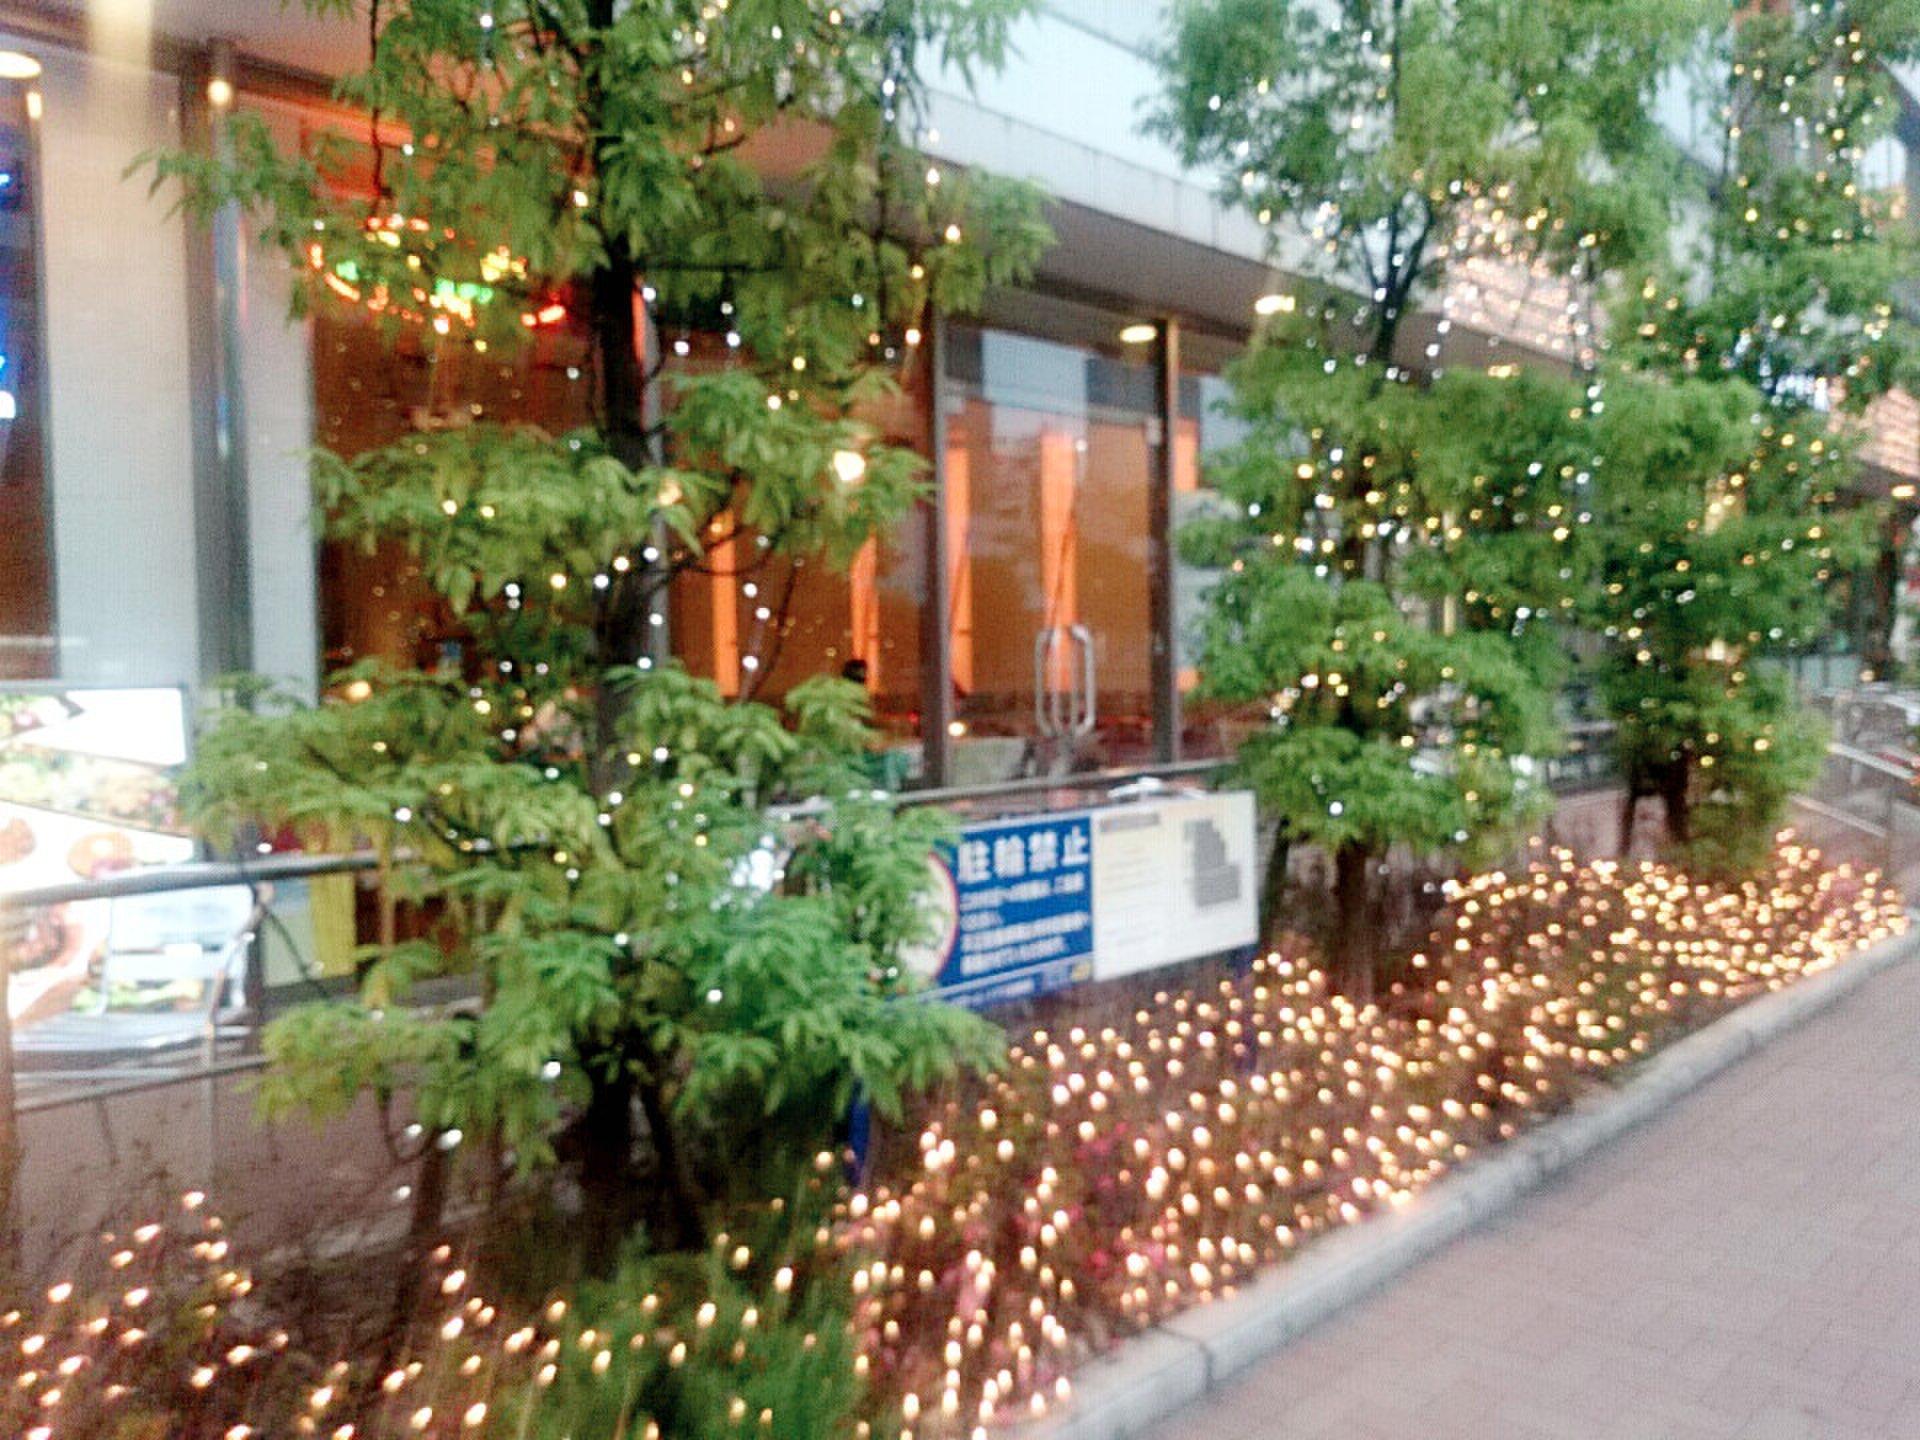 横浜駅周辺のテラスがあるお洒落カフェまとめ!休日ランチやディナーデートに。ペットok! ハマボール